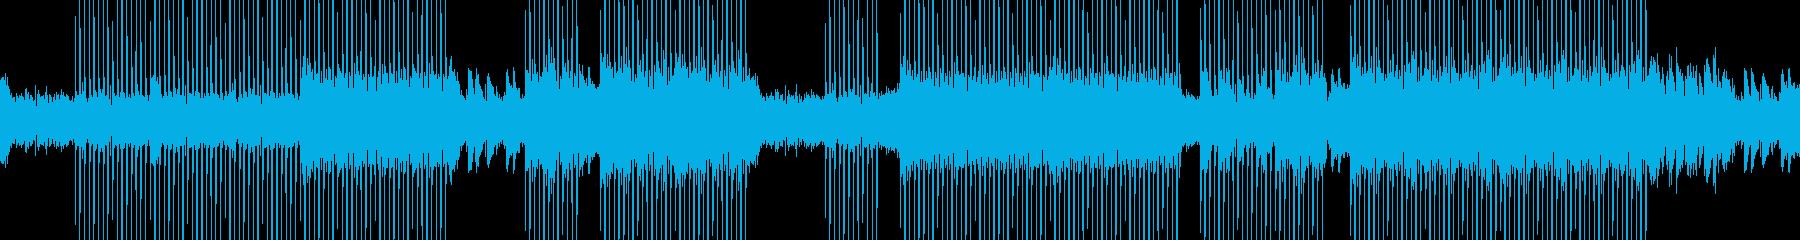 ピアノとエレクトリックギターのロマ...の再生済みの波形